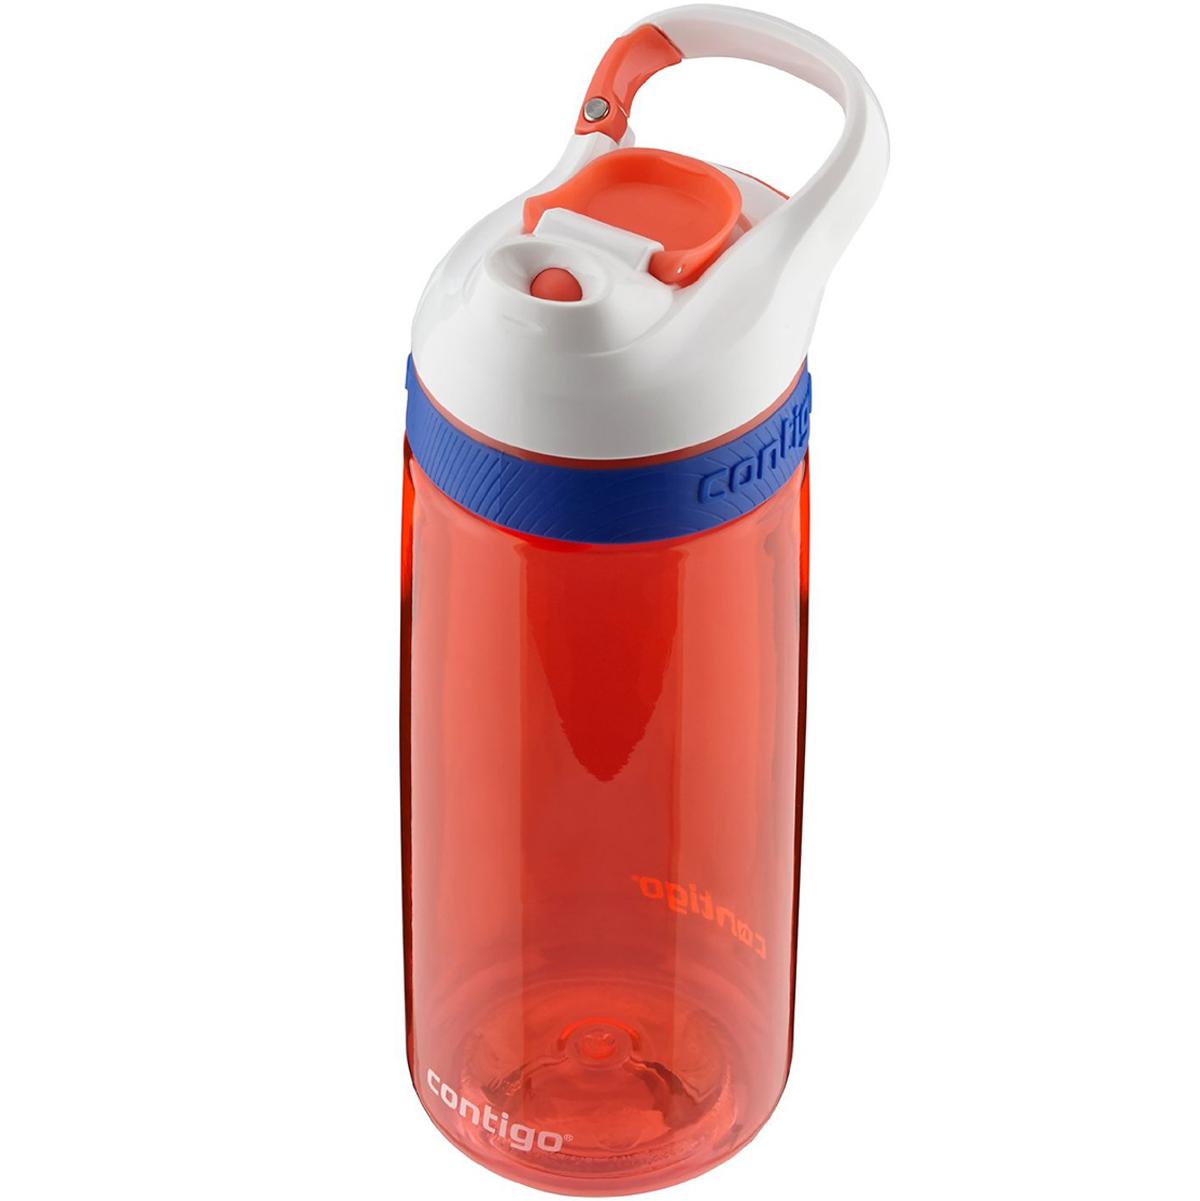 Contigo-20-oz-Kid-039-s-Courtney-AutoSeal-Water-Bottle thumbnail 29